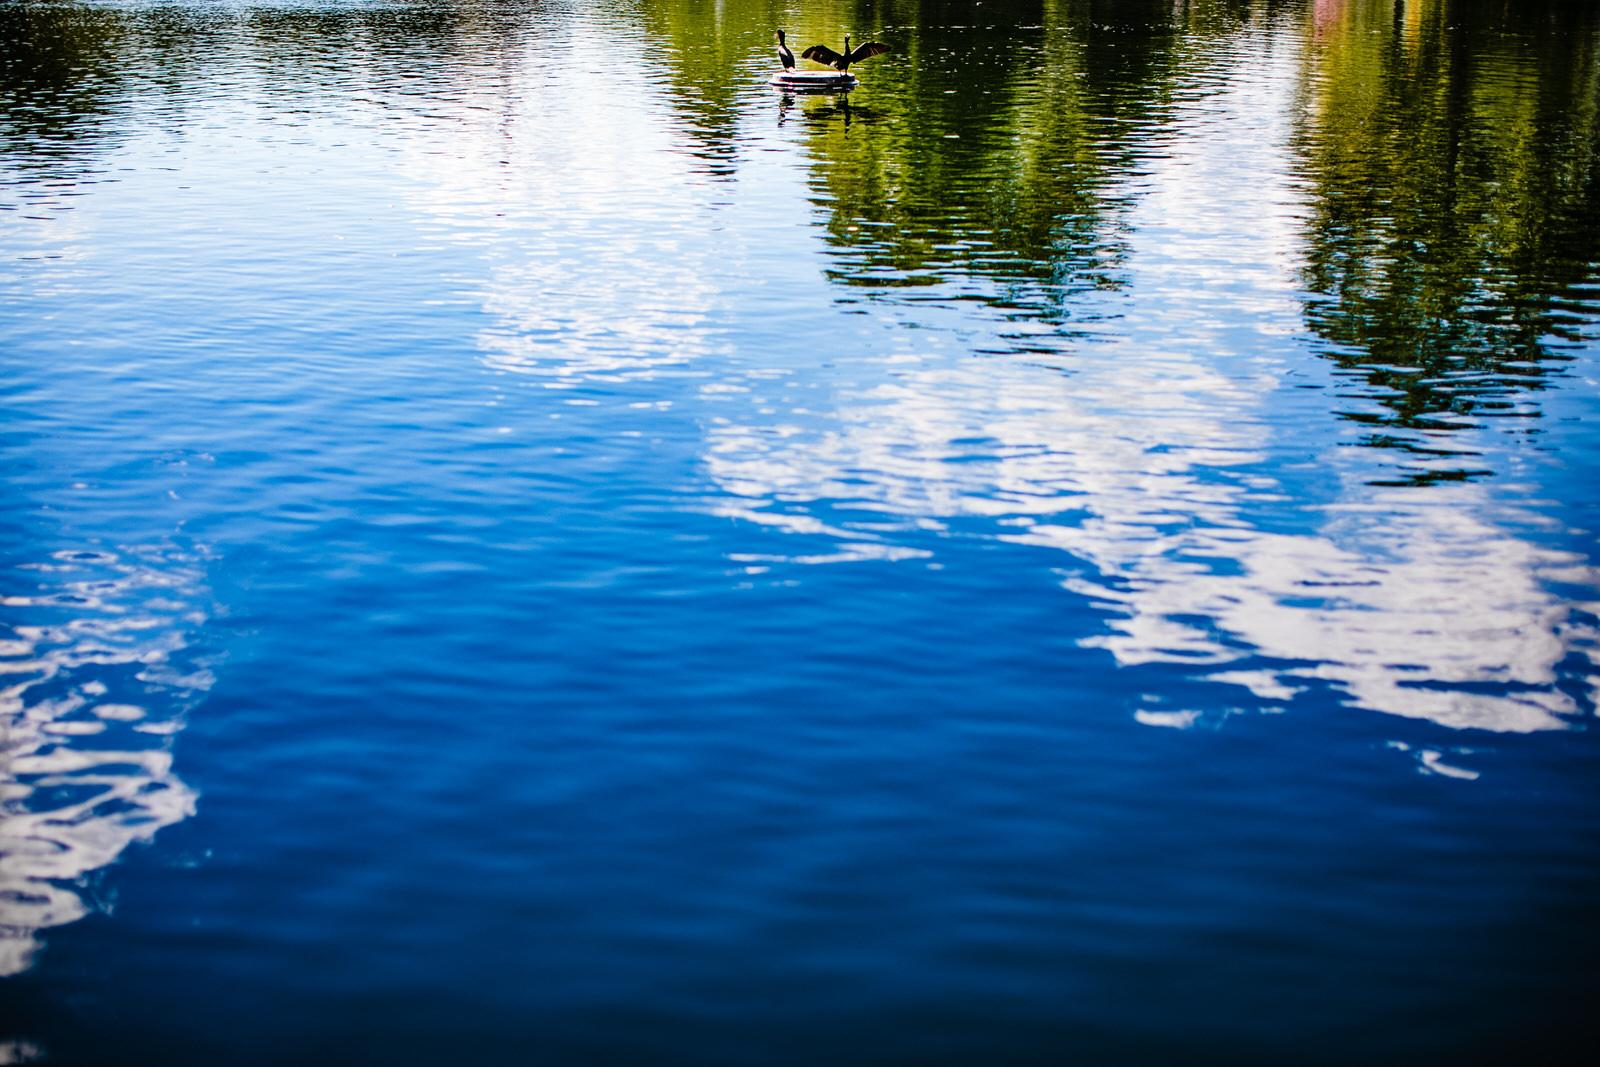 nature-tennessee-centennial-park-nashville-birds-blue-sky-reflections-lake.jpg